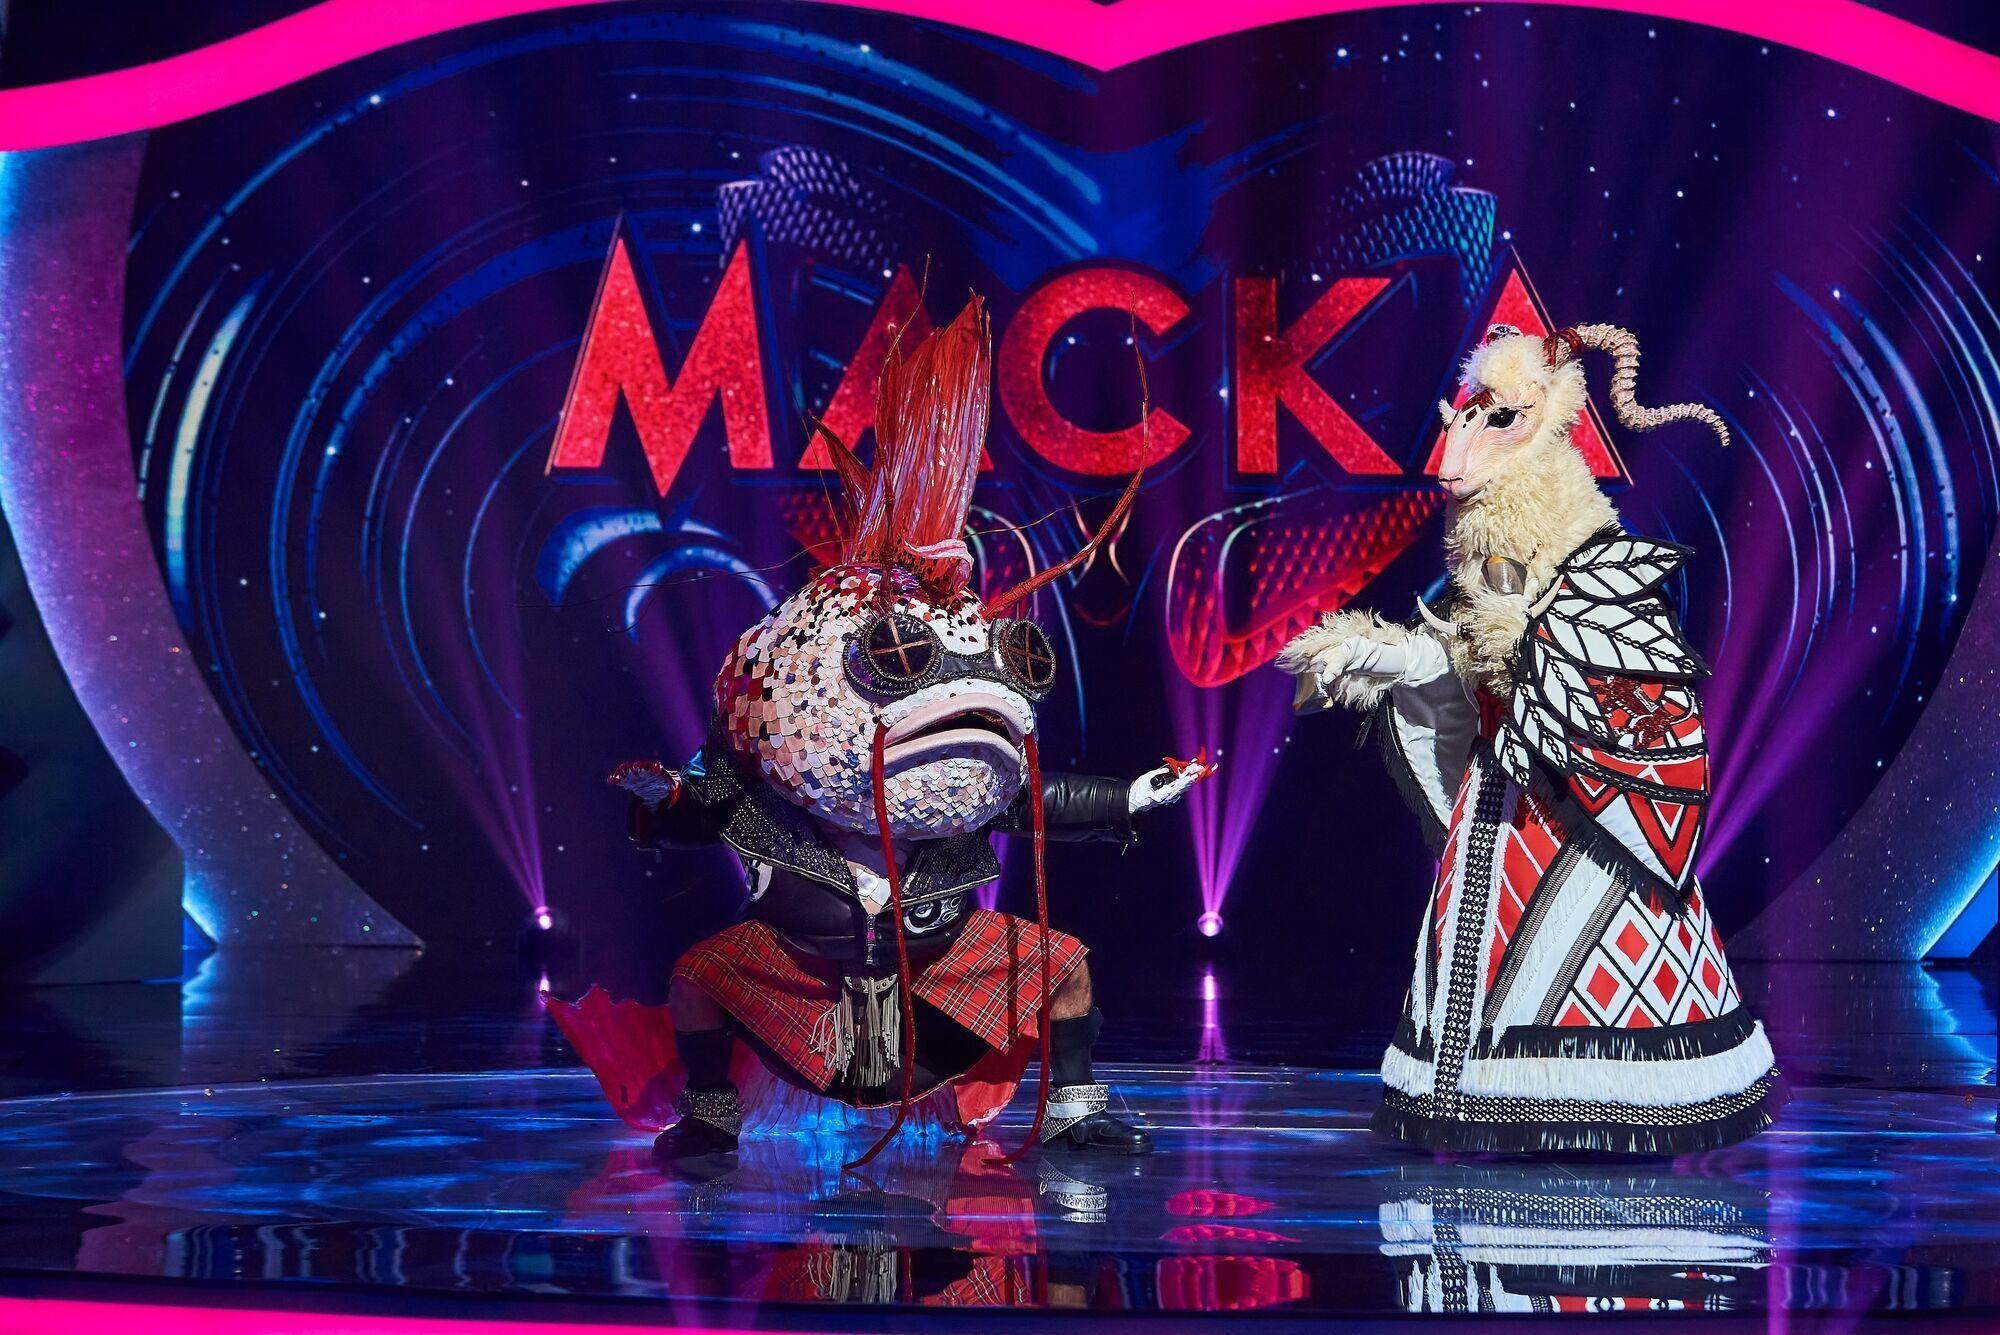 Іраклі Макацарія розповів про участь в шоу.